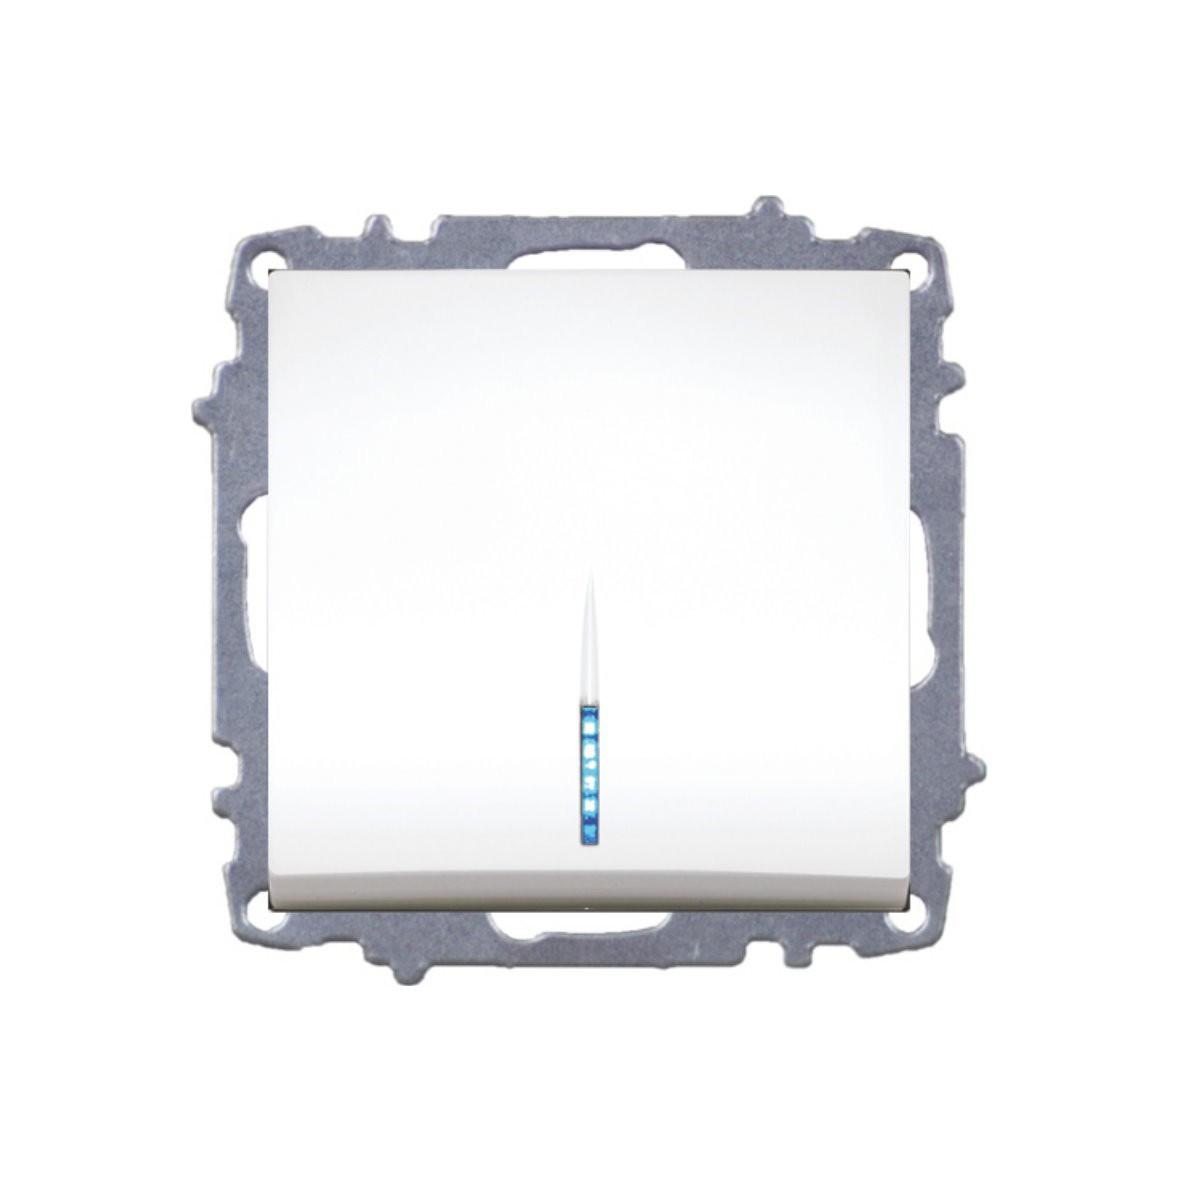 Изображение ZENA модуль крем Выключатель 1 кл с подсветкой